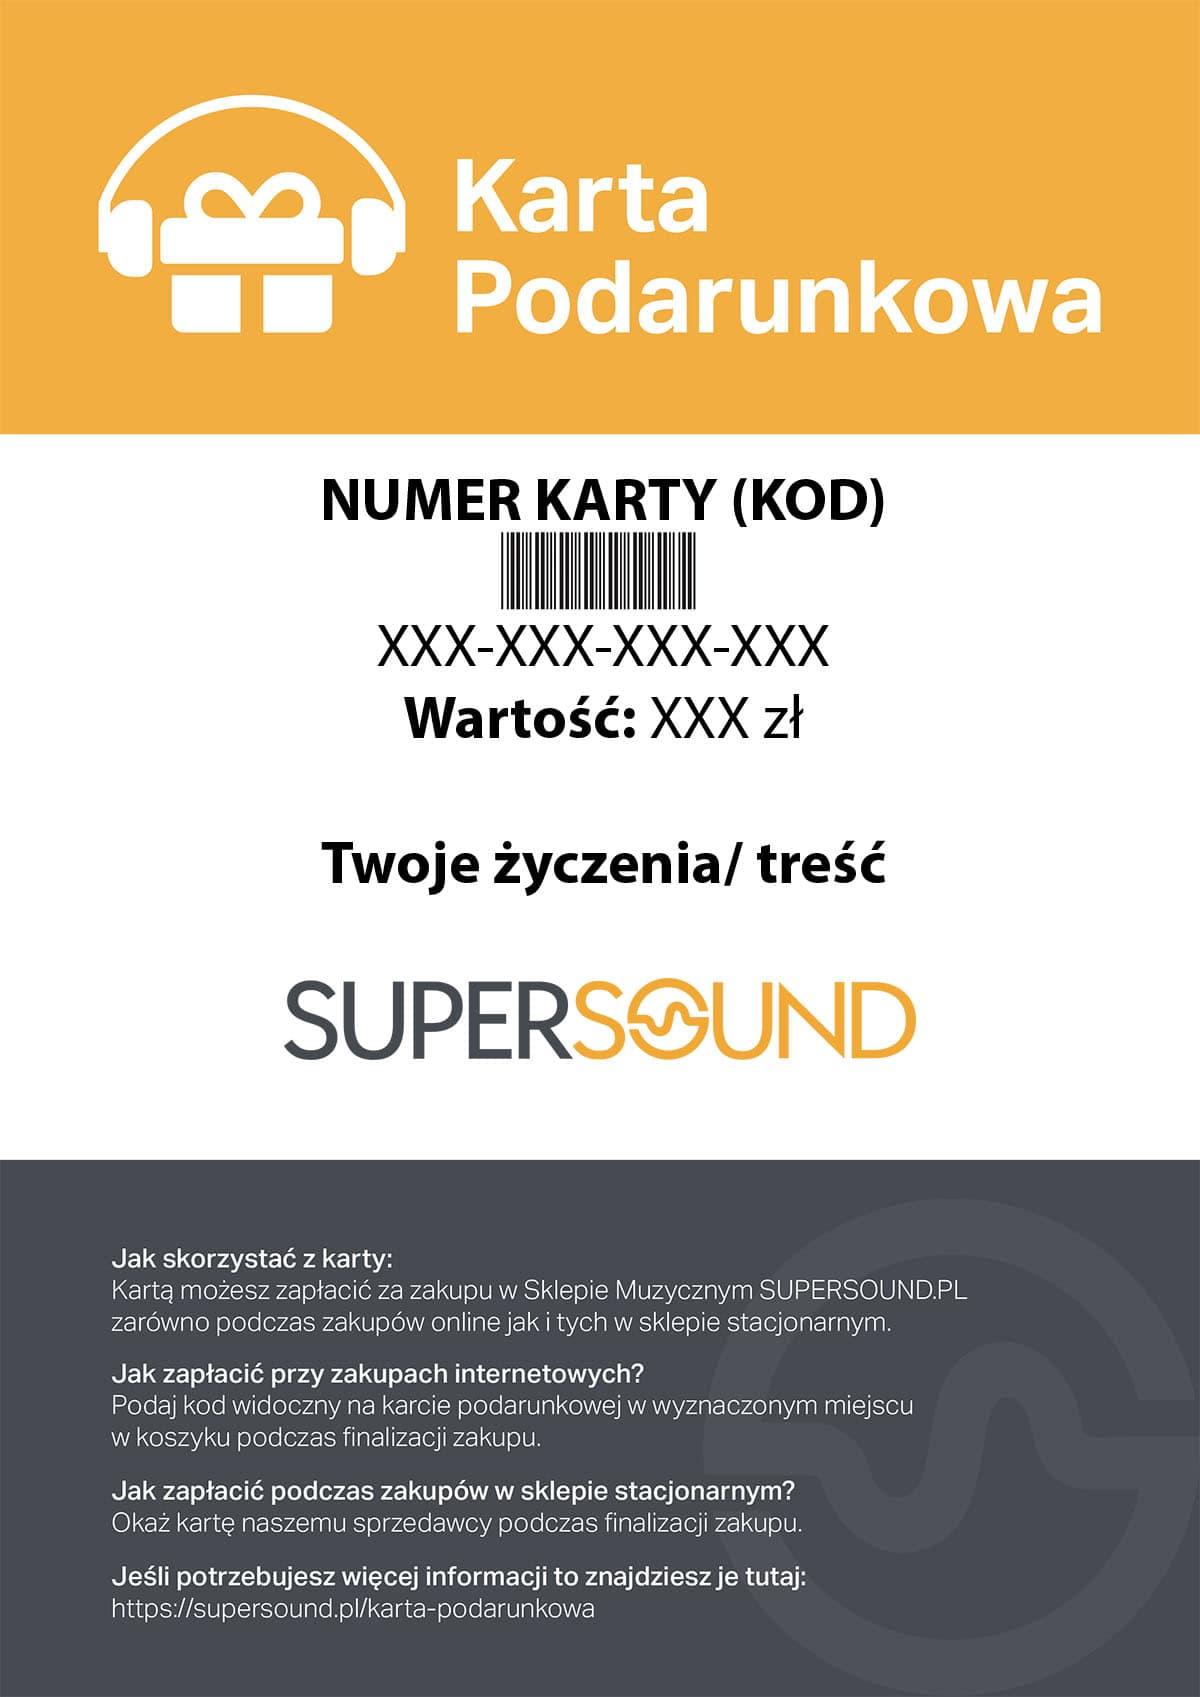 KARTA PODARUNKOWA- wersja elektroniczna